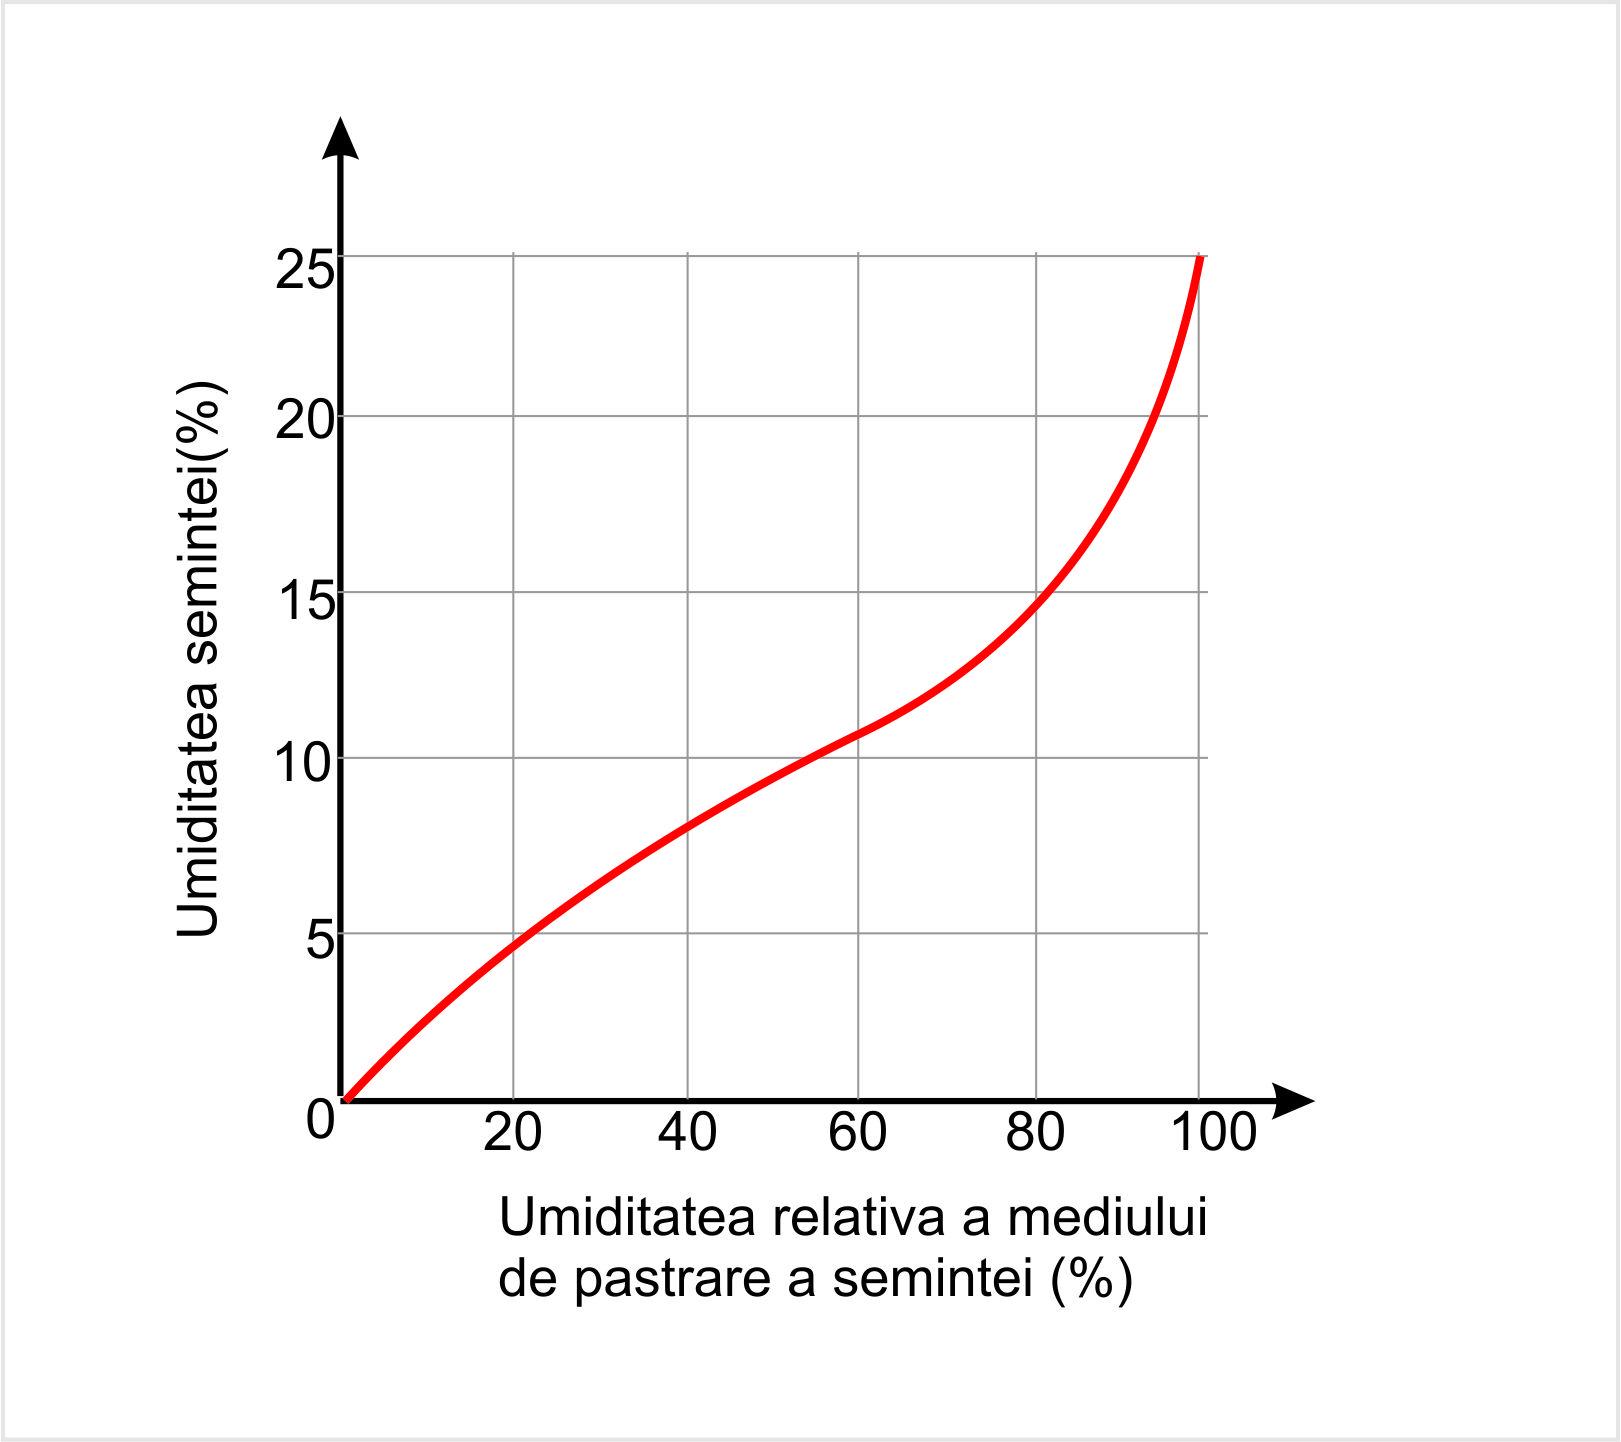 Influenta umidității semintelor în funcție de umiditatea relativă a mediului de păstrare